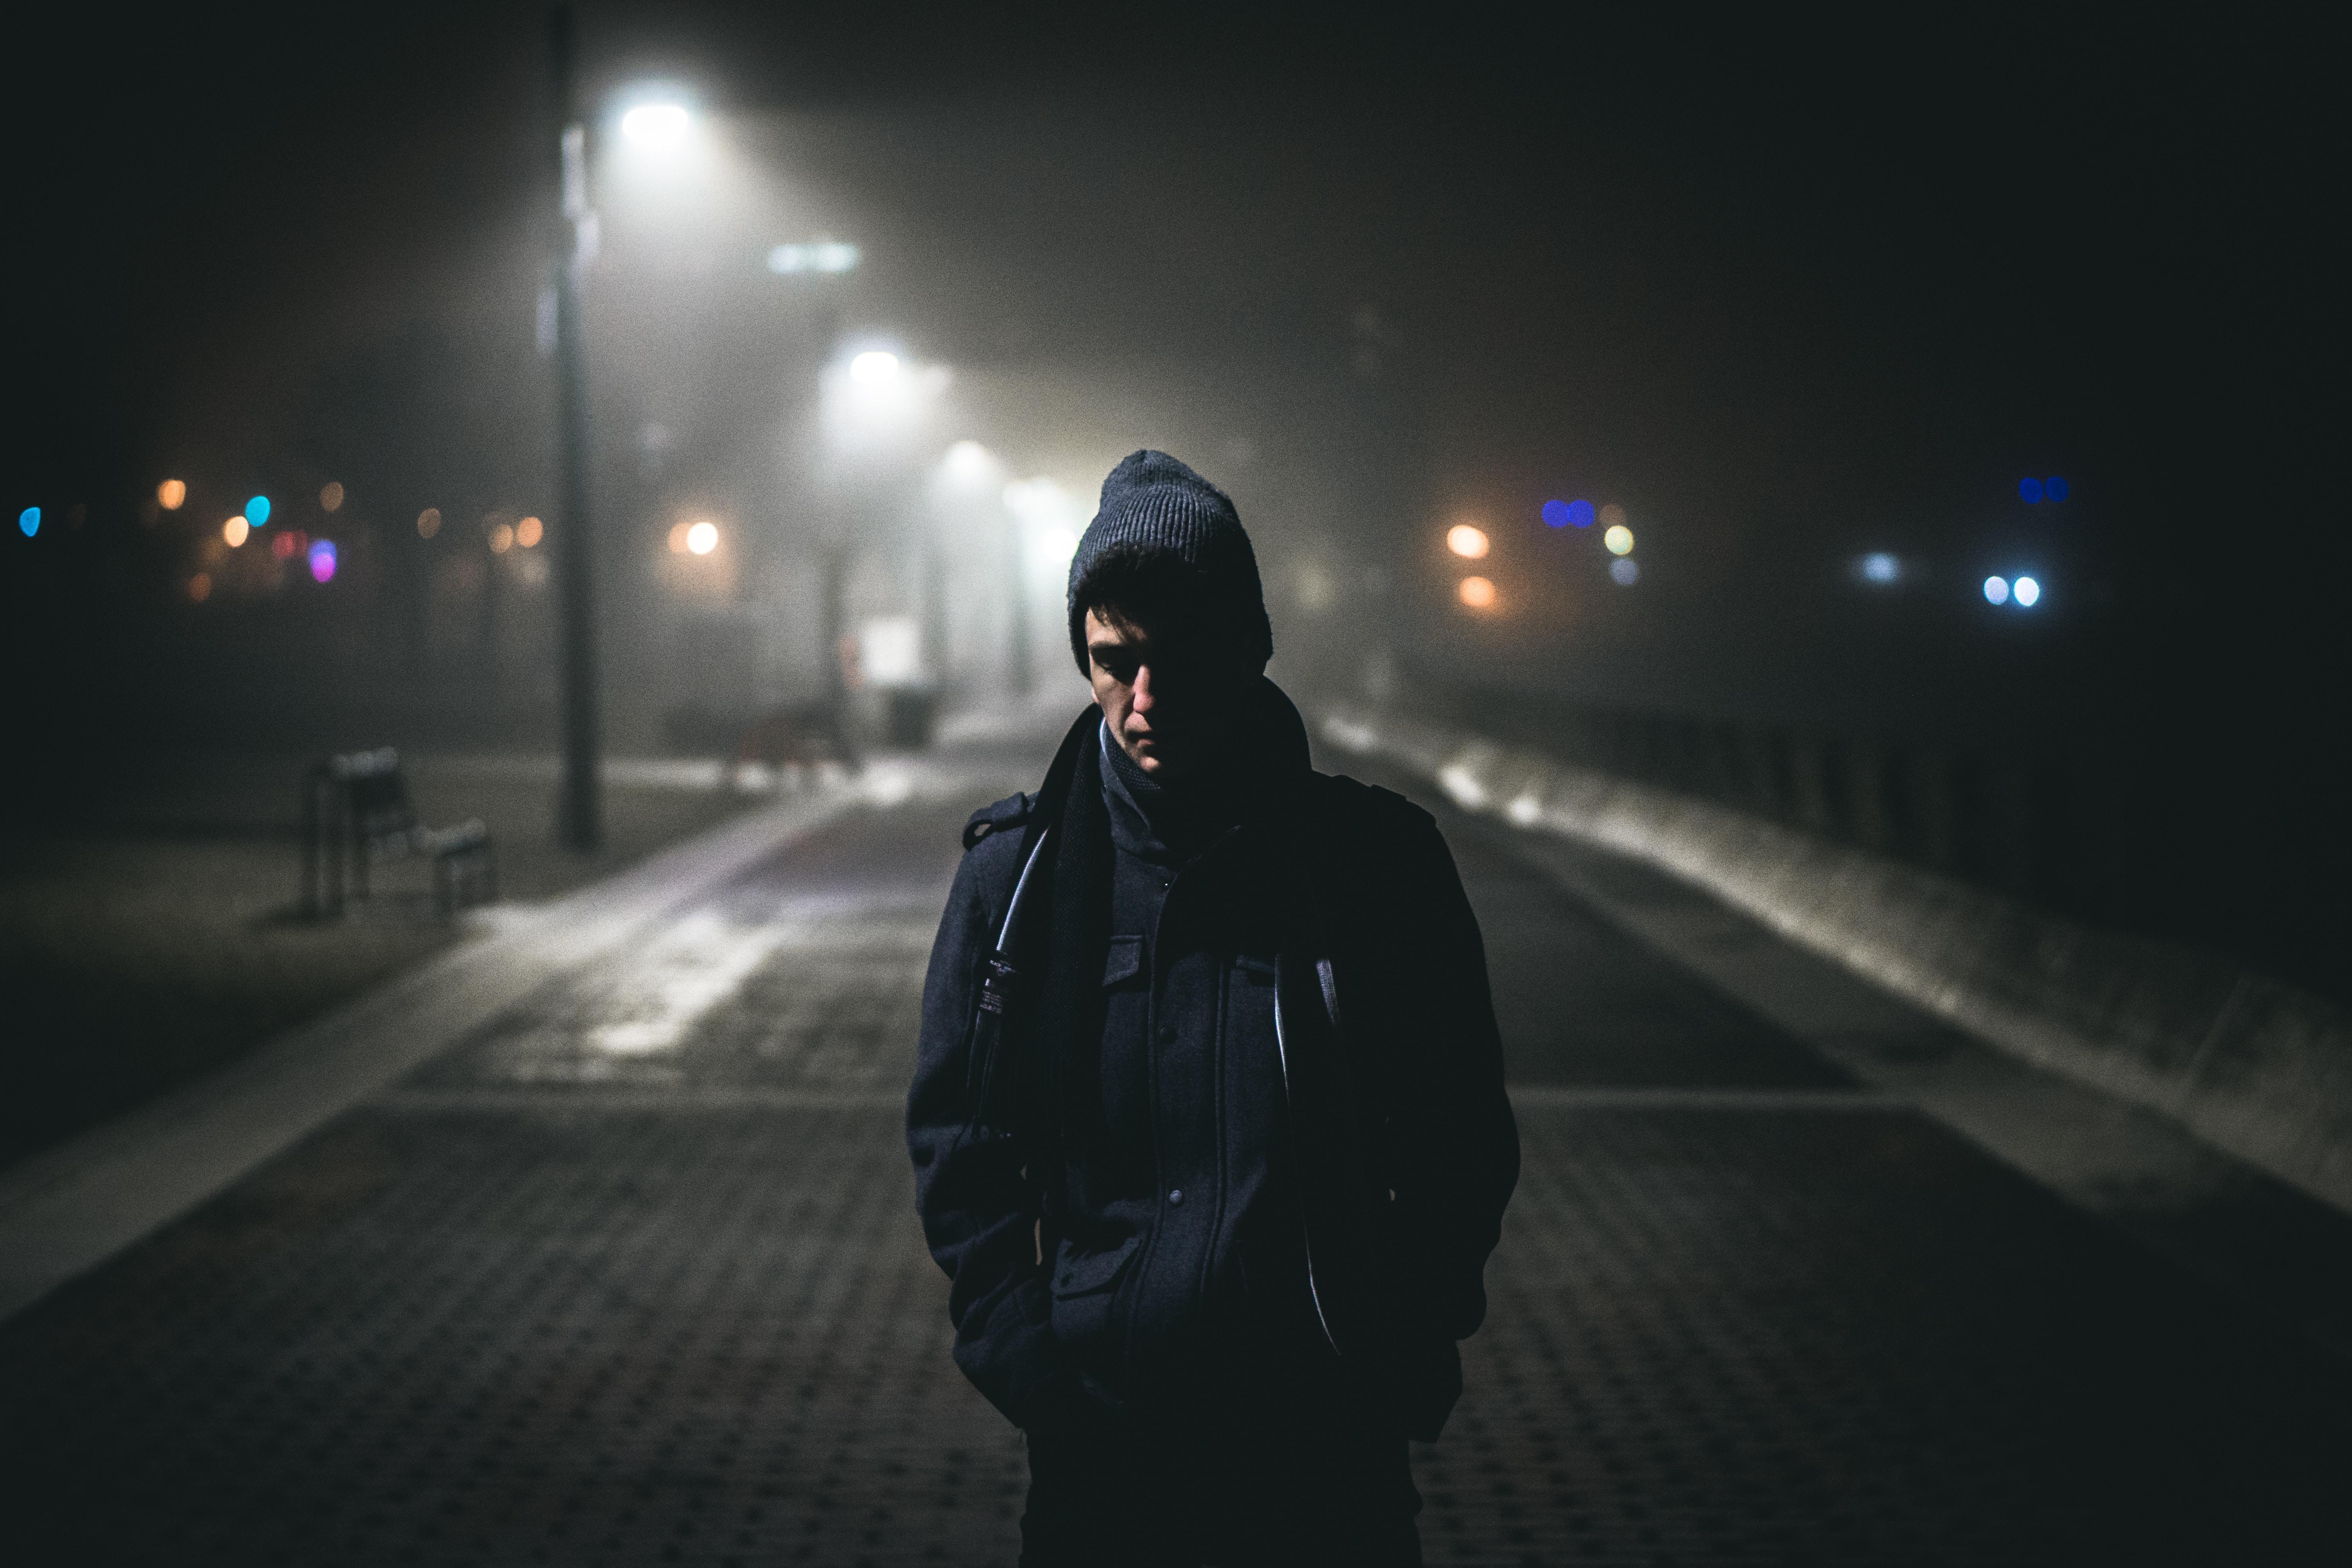 man standing near street lights